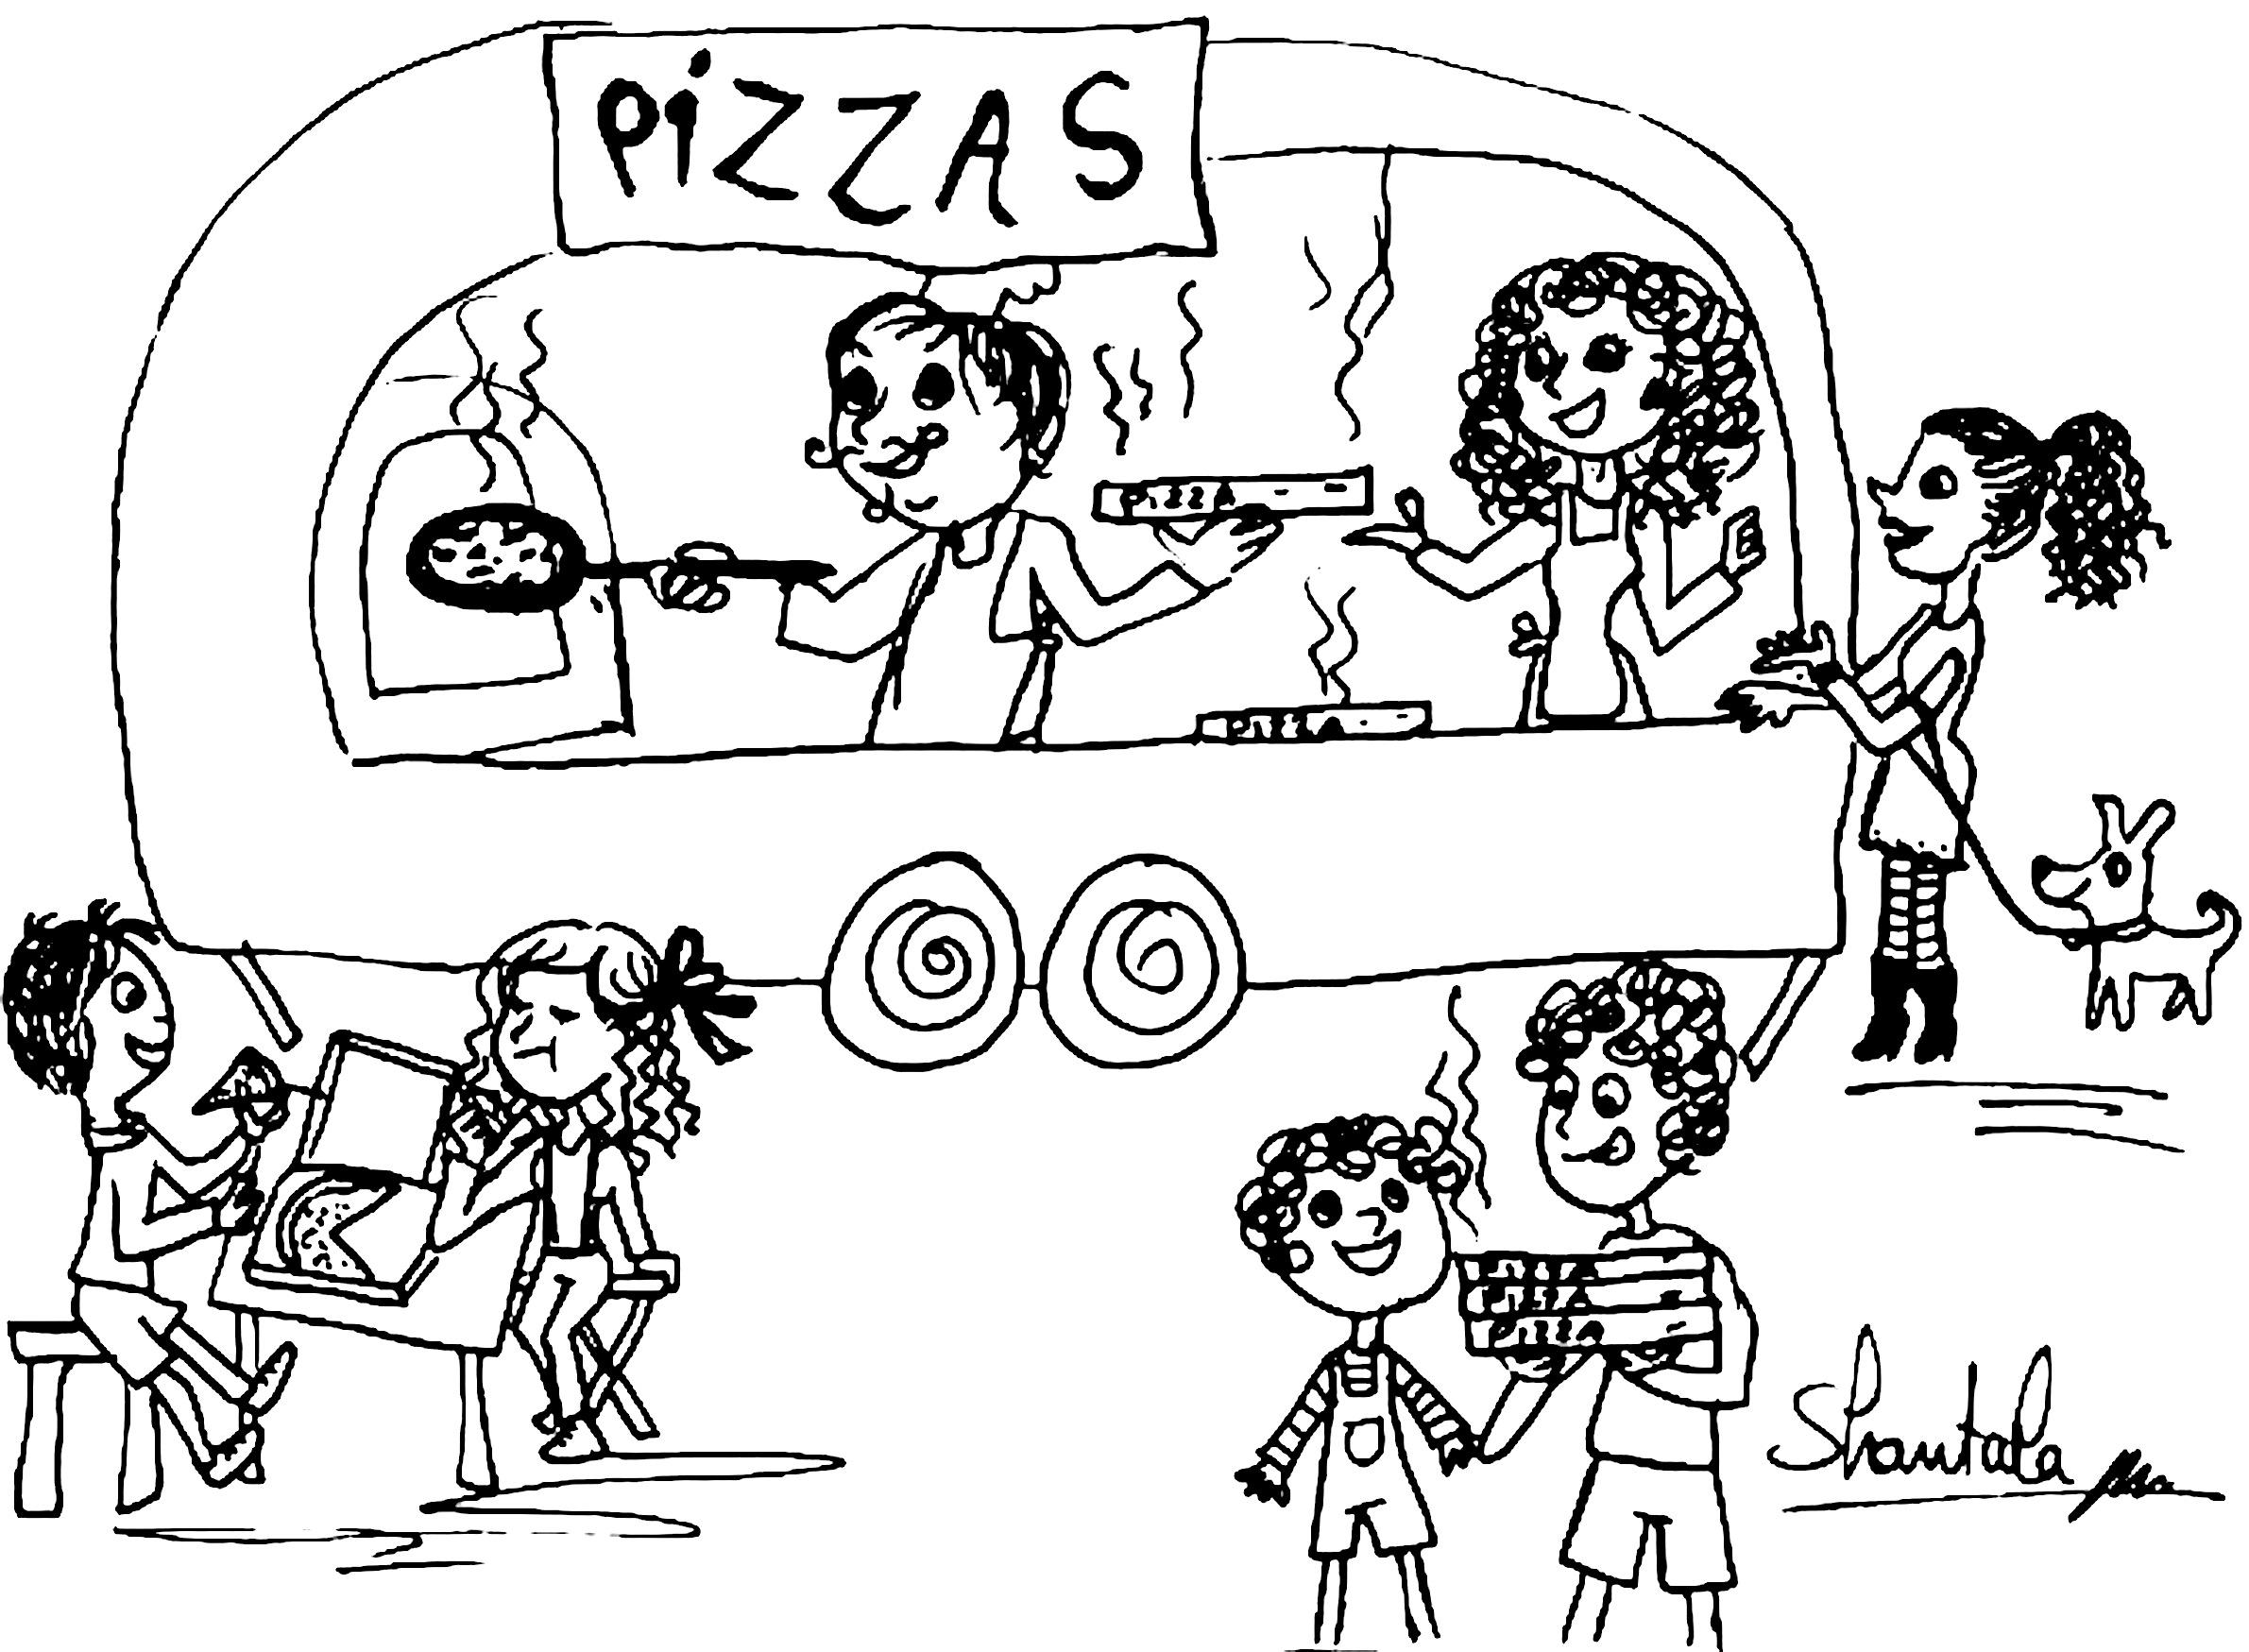 pumi ce soir c 39 est pizza fel ll f l pumi kennel klub fel ll f l. Black Bedroom Furniture Sets. Home Design Ideas